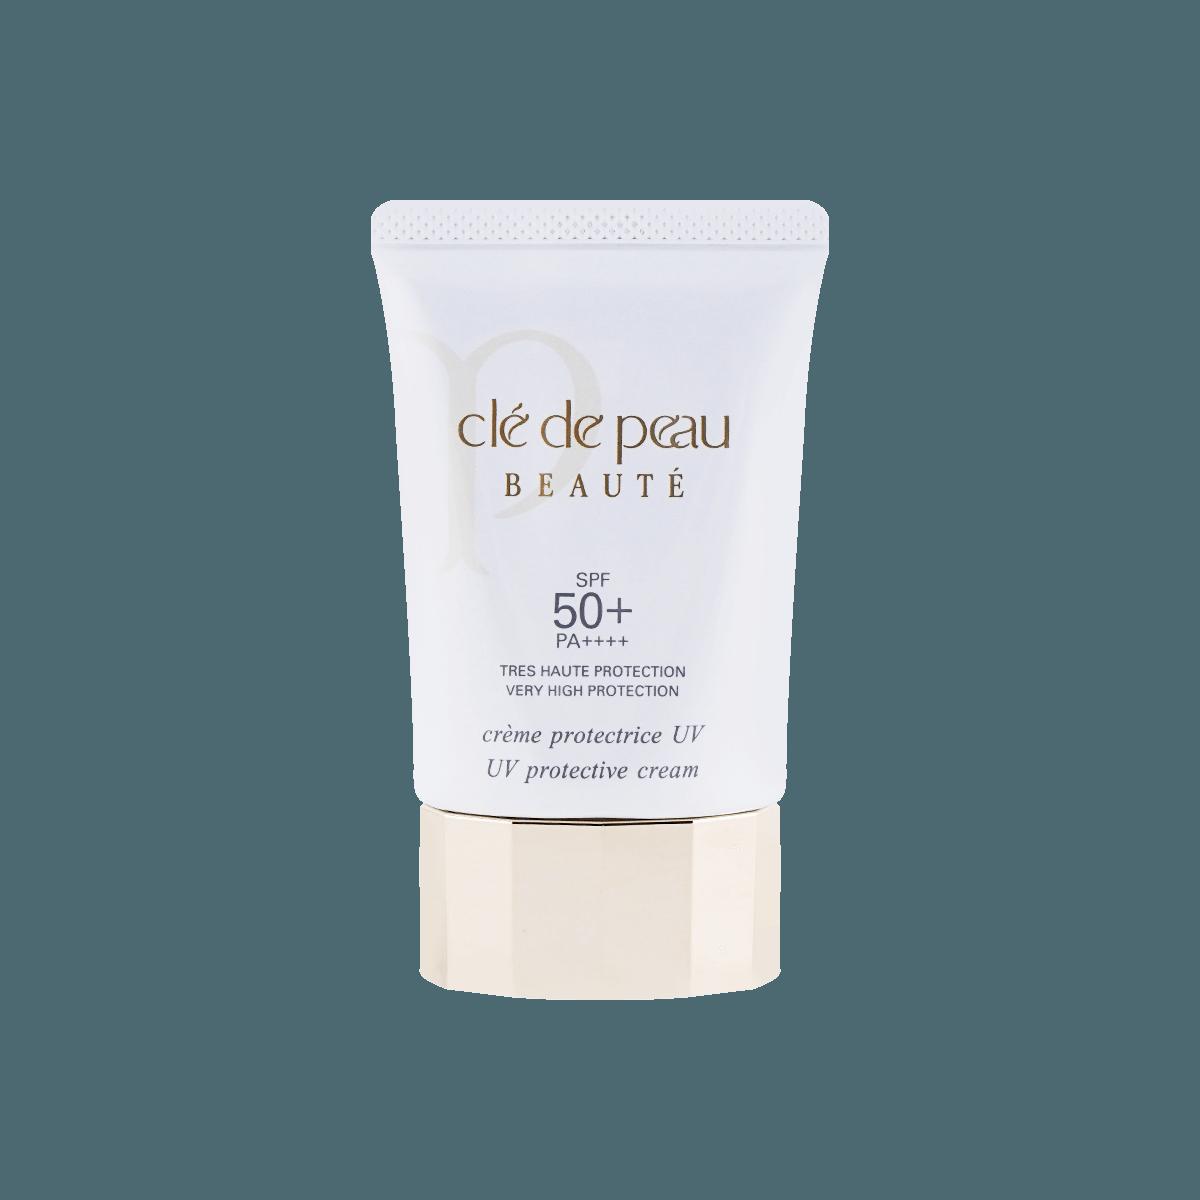 日本CLE DE PEAU BEAUTE CPB肌肤之钥 全效修护细胞防晒乳霜 SPF50+ PA++++ 50g 怎么样 - 亚米网